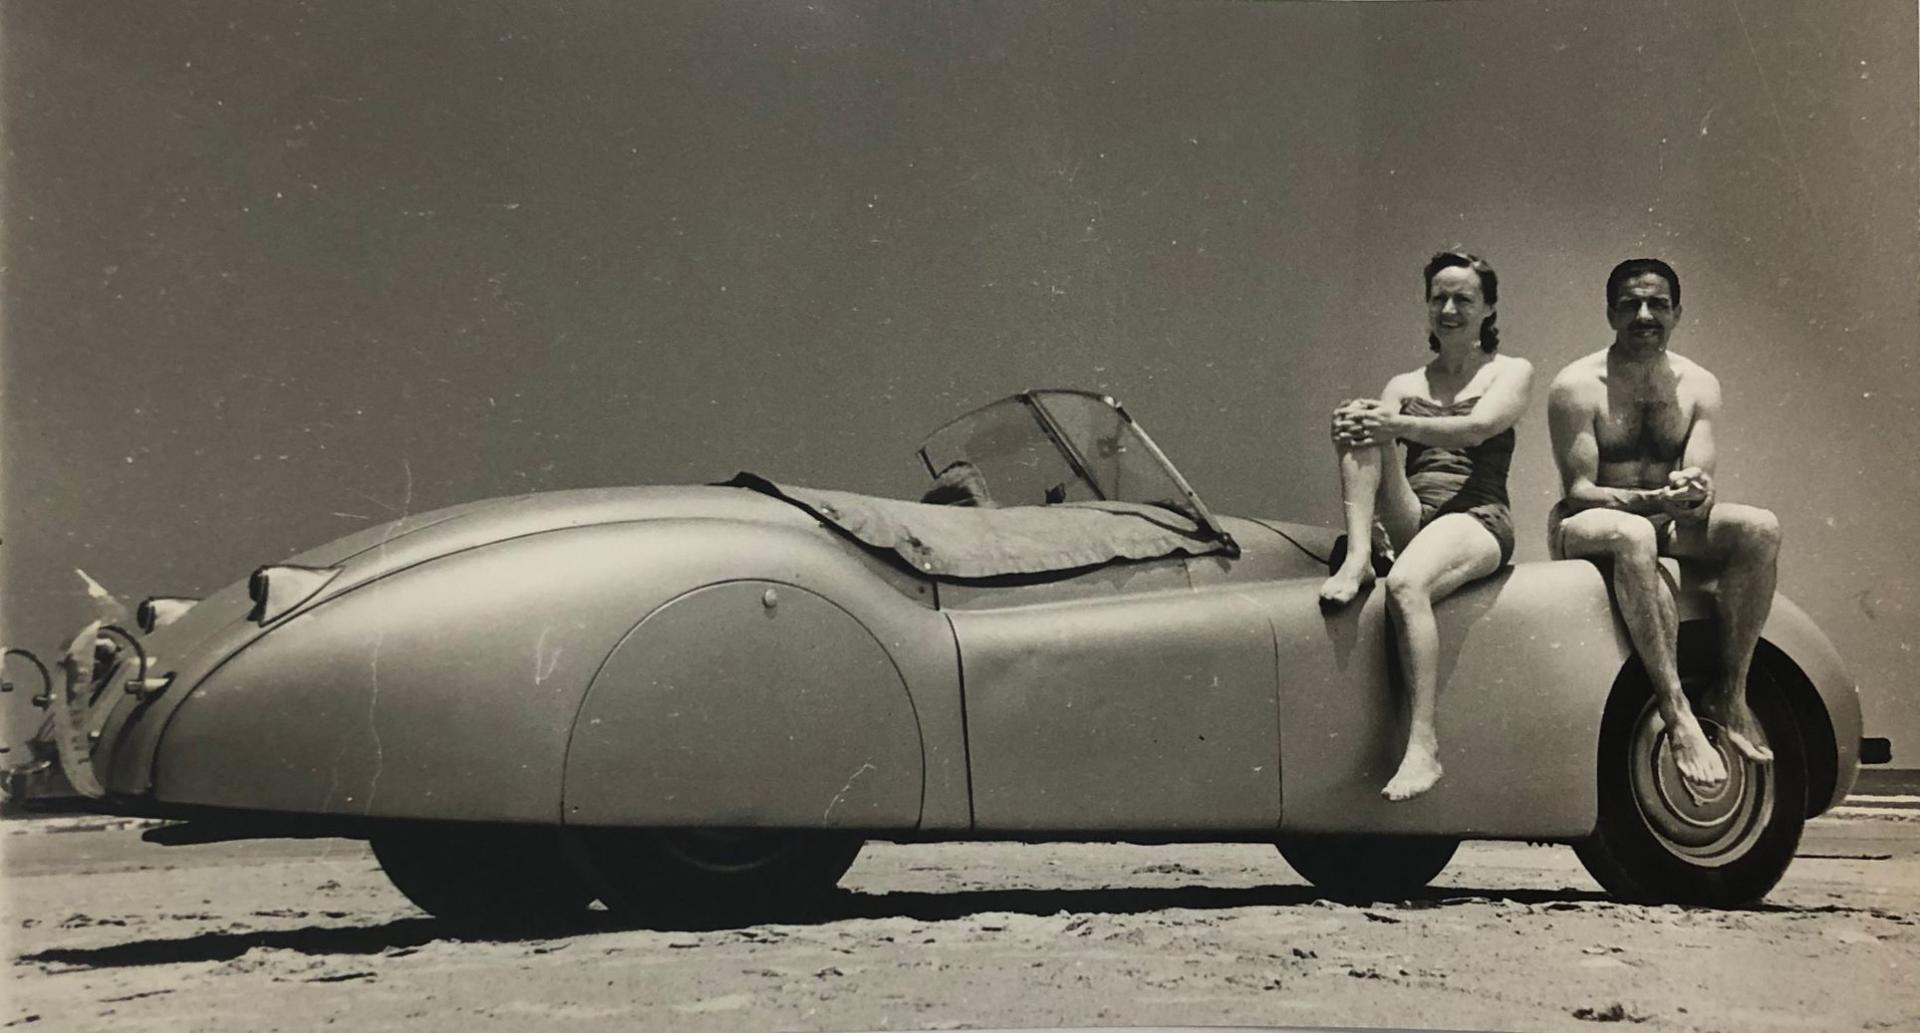 Palmira Puig i Marcel Giró, dalt del seu Jaguar, c. 1951.